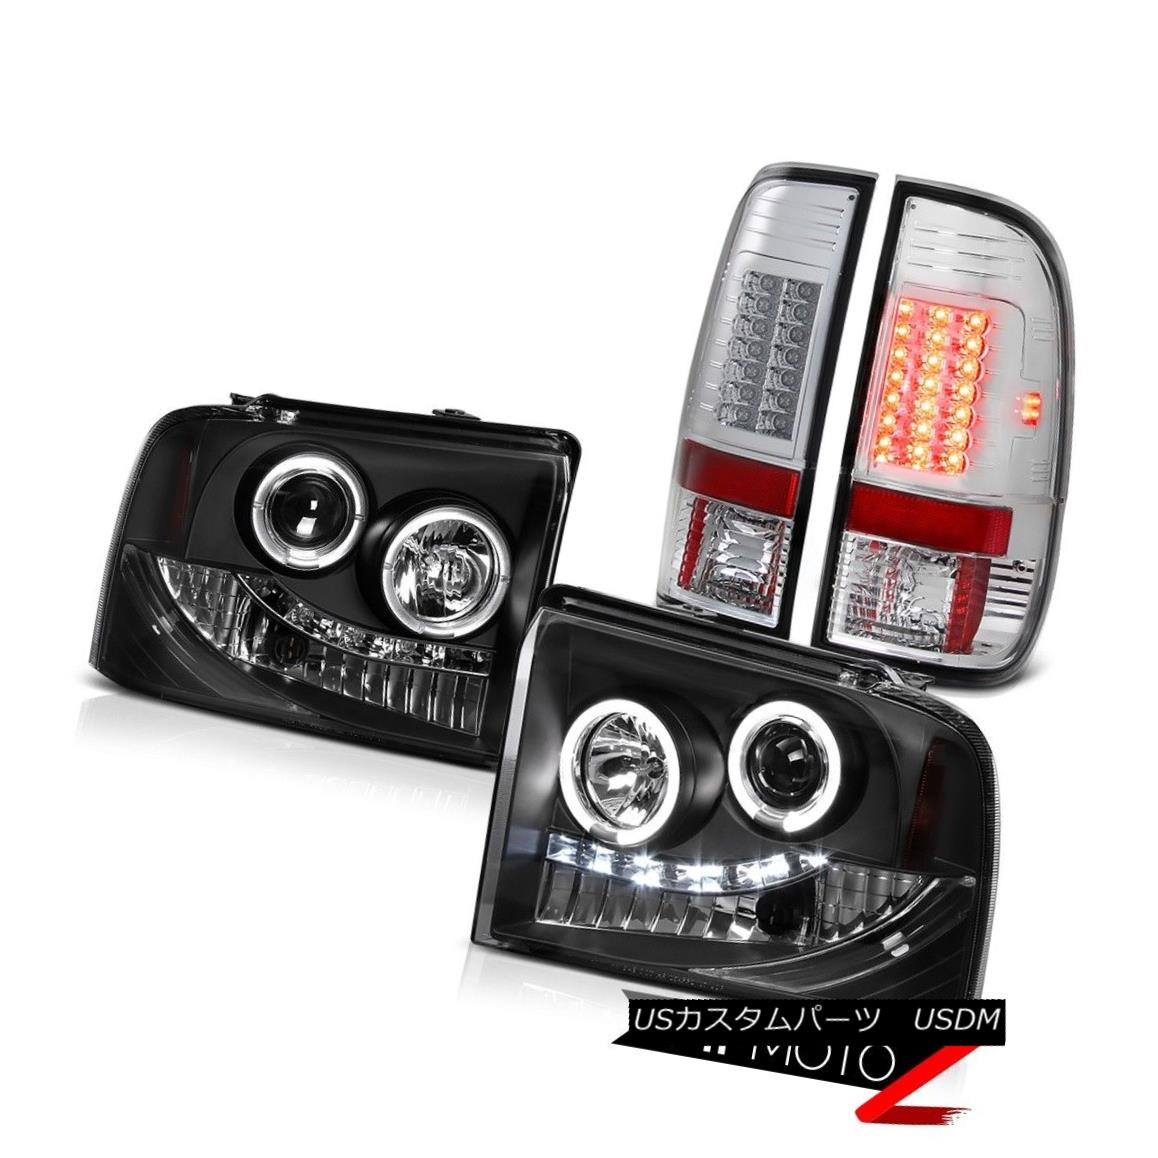 ヘッドライト 2005-2007 Ford F250 Powerstroke Lariat DRL Angel Eye Headlight+SMD LED Taillight 2005-2007フォードF250パワーストロークラリアートDRLエンジェルアイヘッドライト+ SMD LEDテールライト